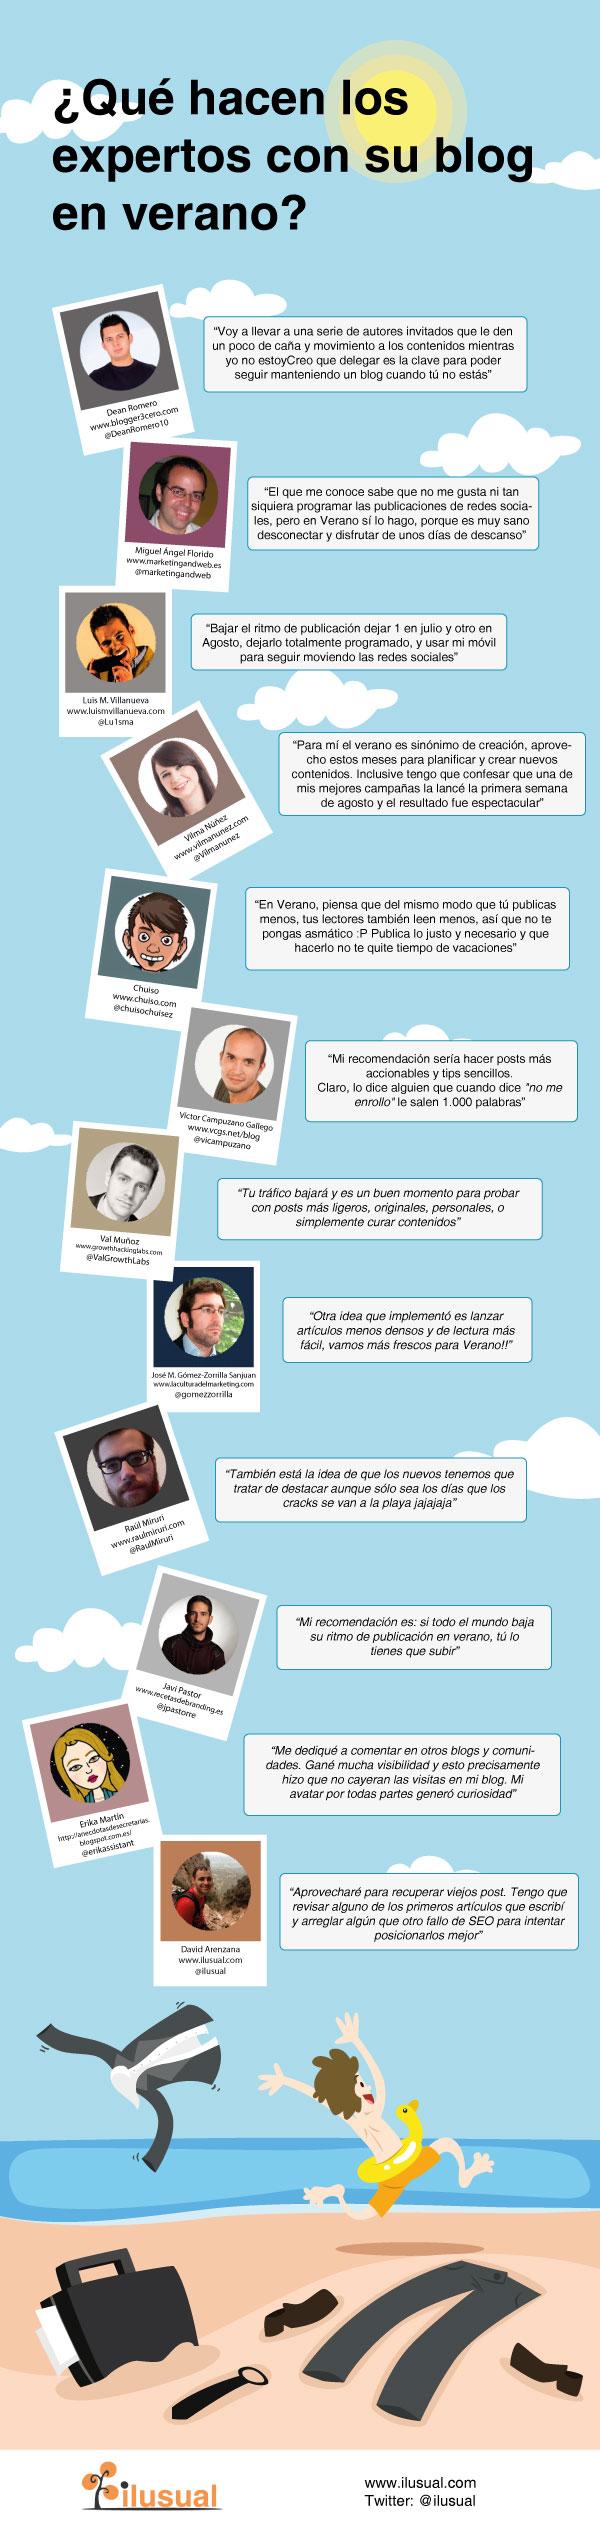 Qué hacen algunos expertos con su Blog en verano